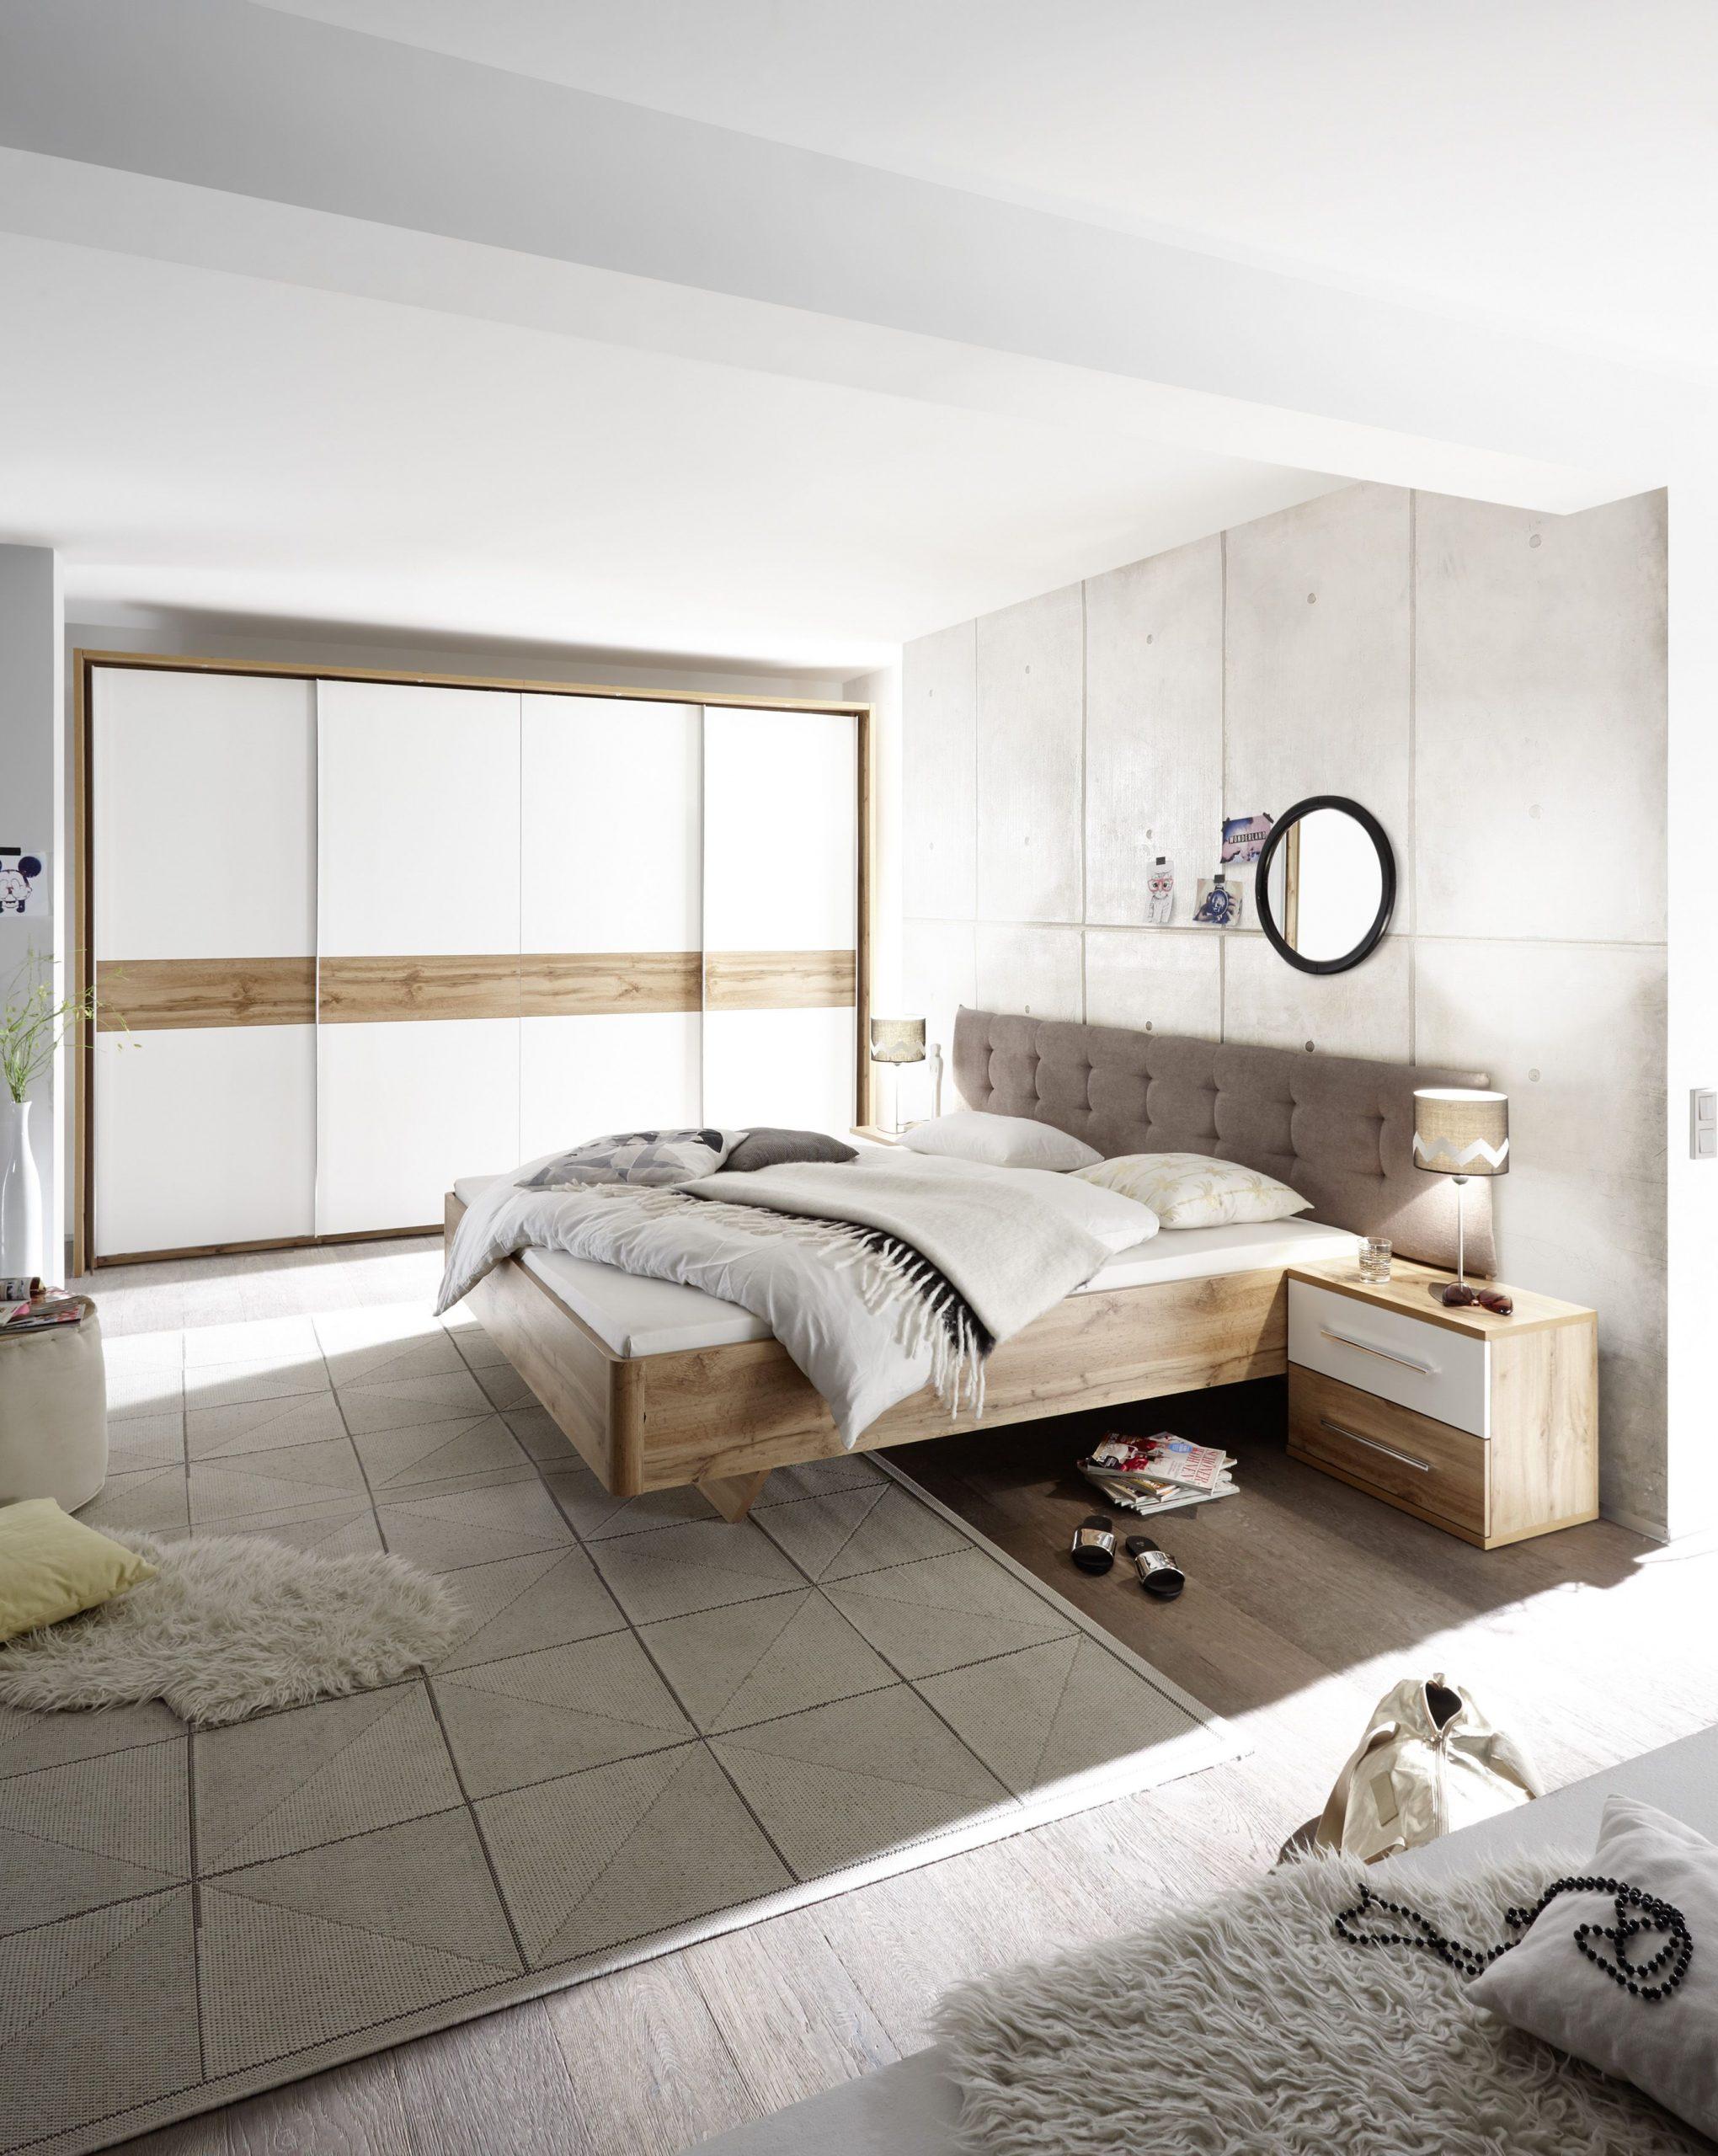 Full Size of Mbel Gnstig 24 Schlafzimmer Komplett Set 5 Tlg Bergamo Bett 180 Landhausstil Landhaus Günstige Deckenleuchte Modern Günstig Betten Kaufen Eckschrank Regale Schlafzimmer Schlafzimmer Set Günstig